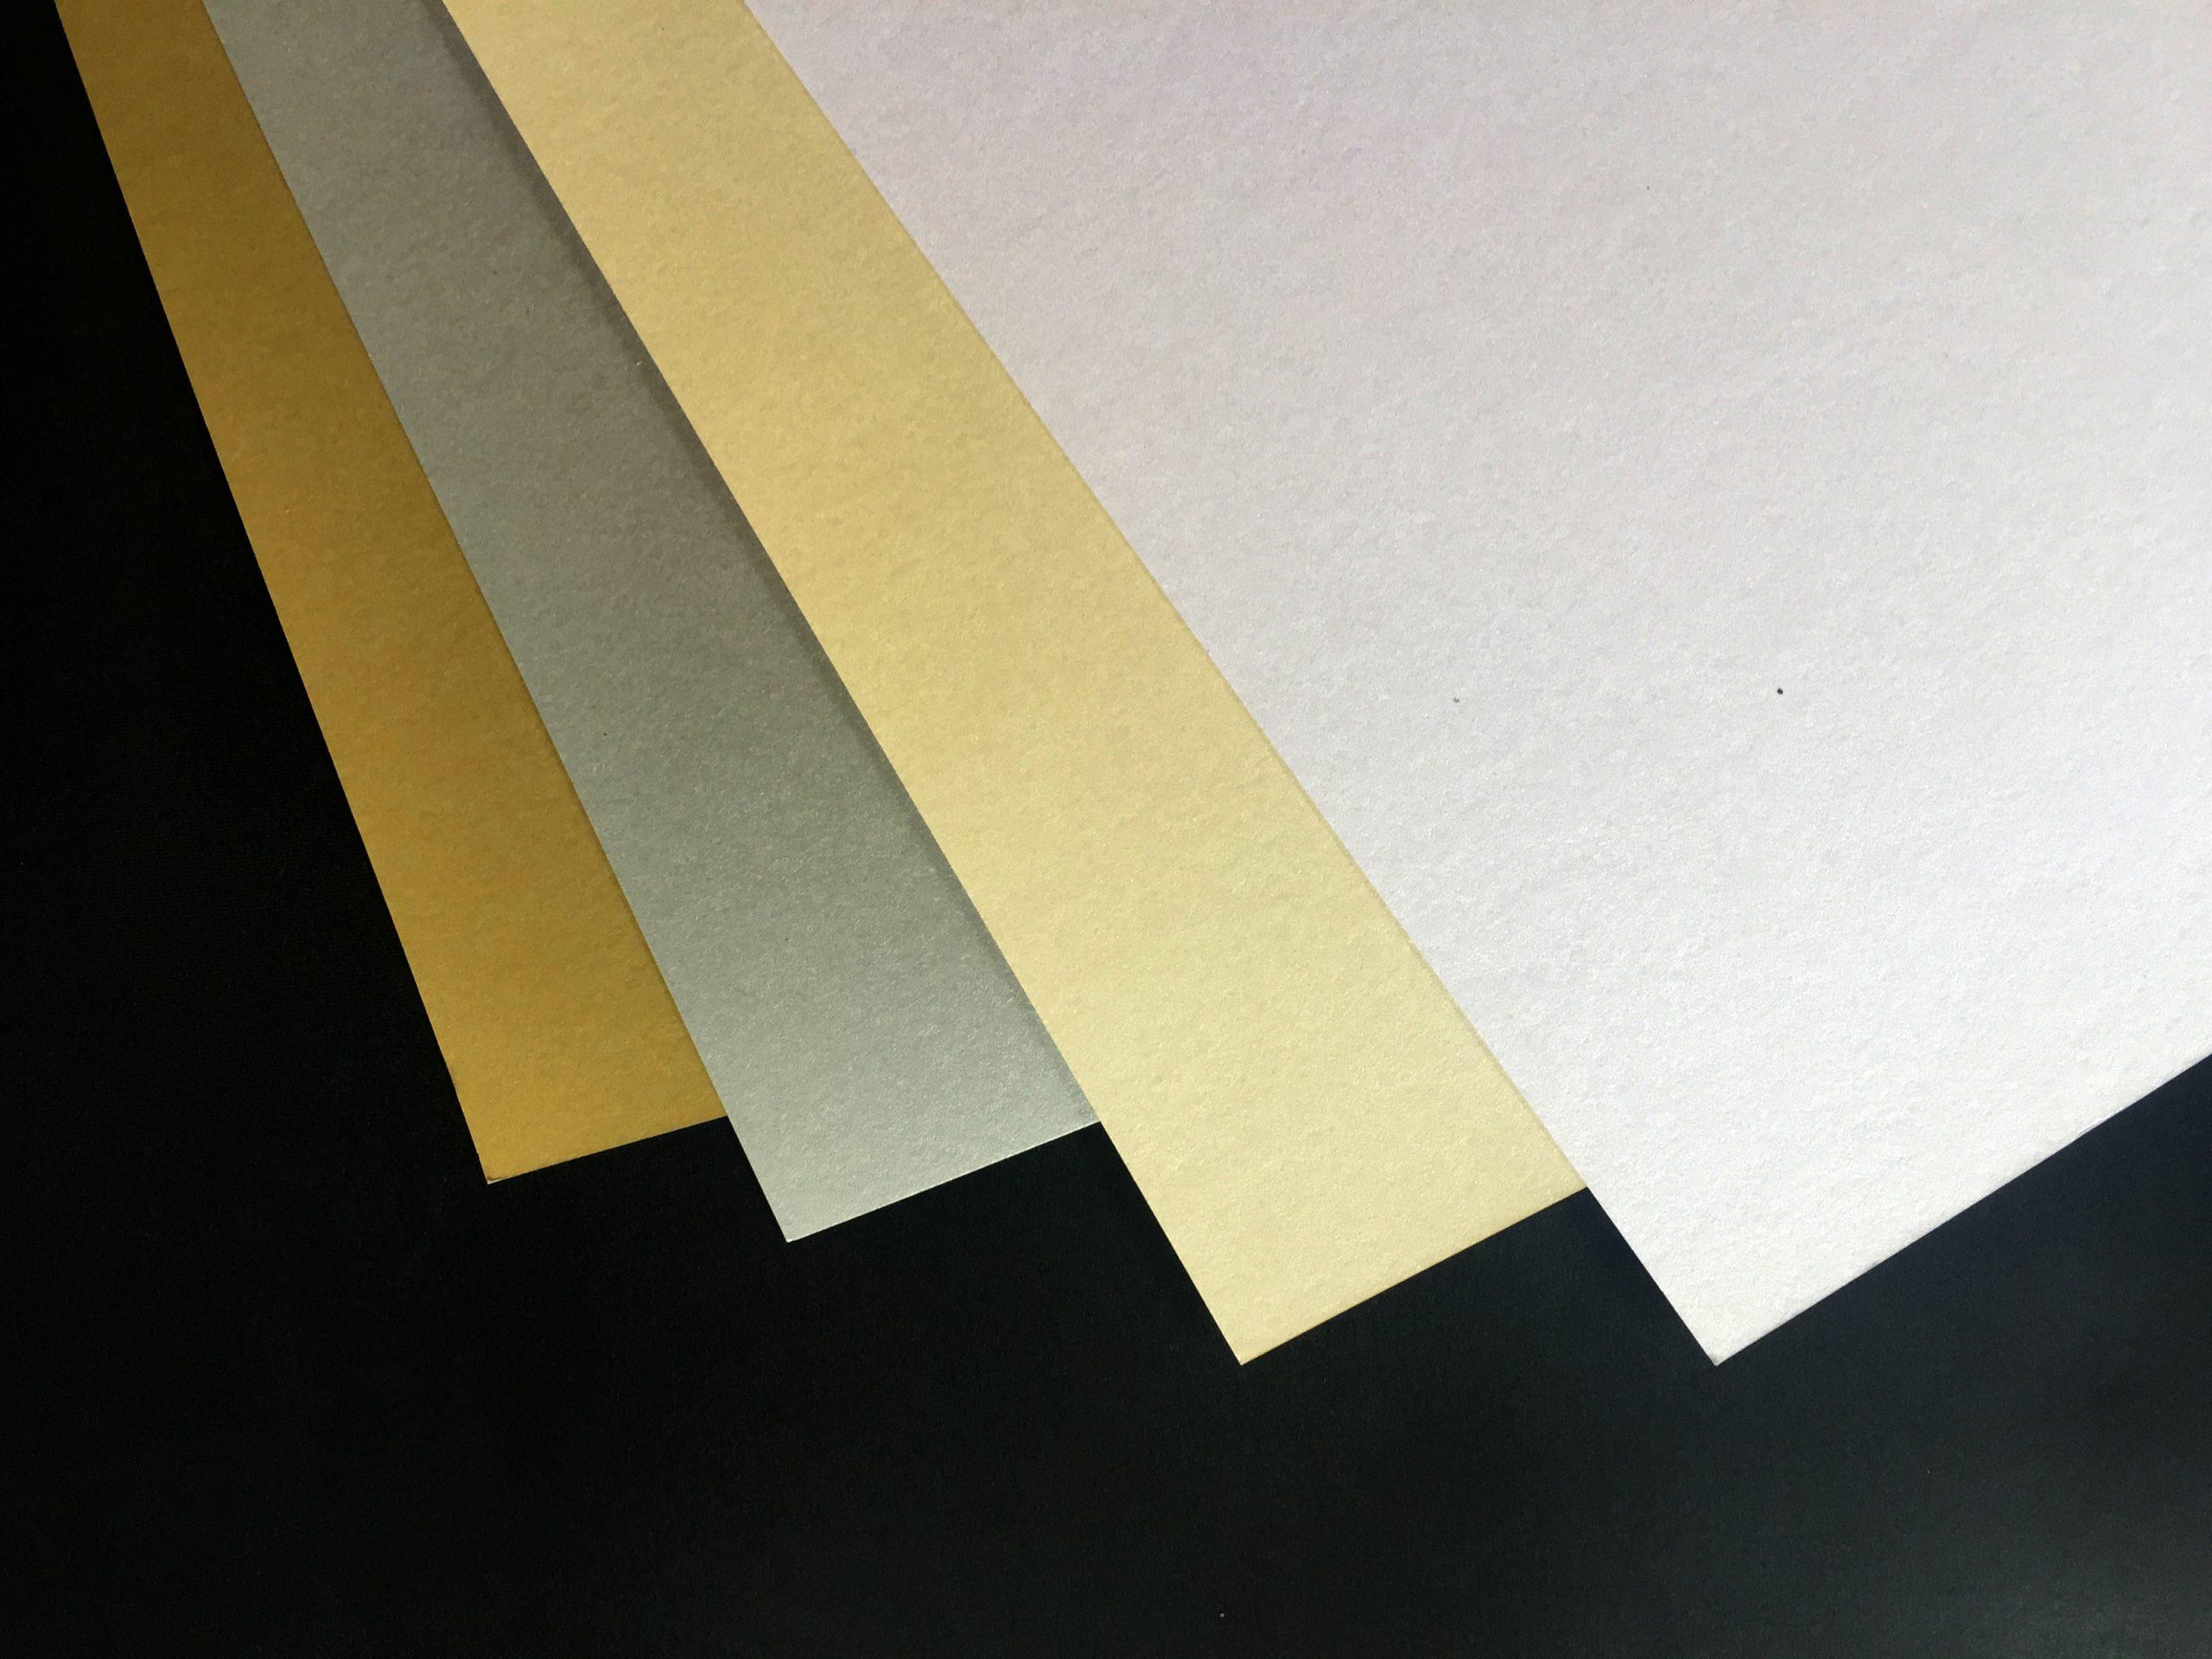 metallic series